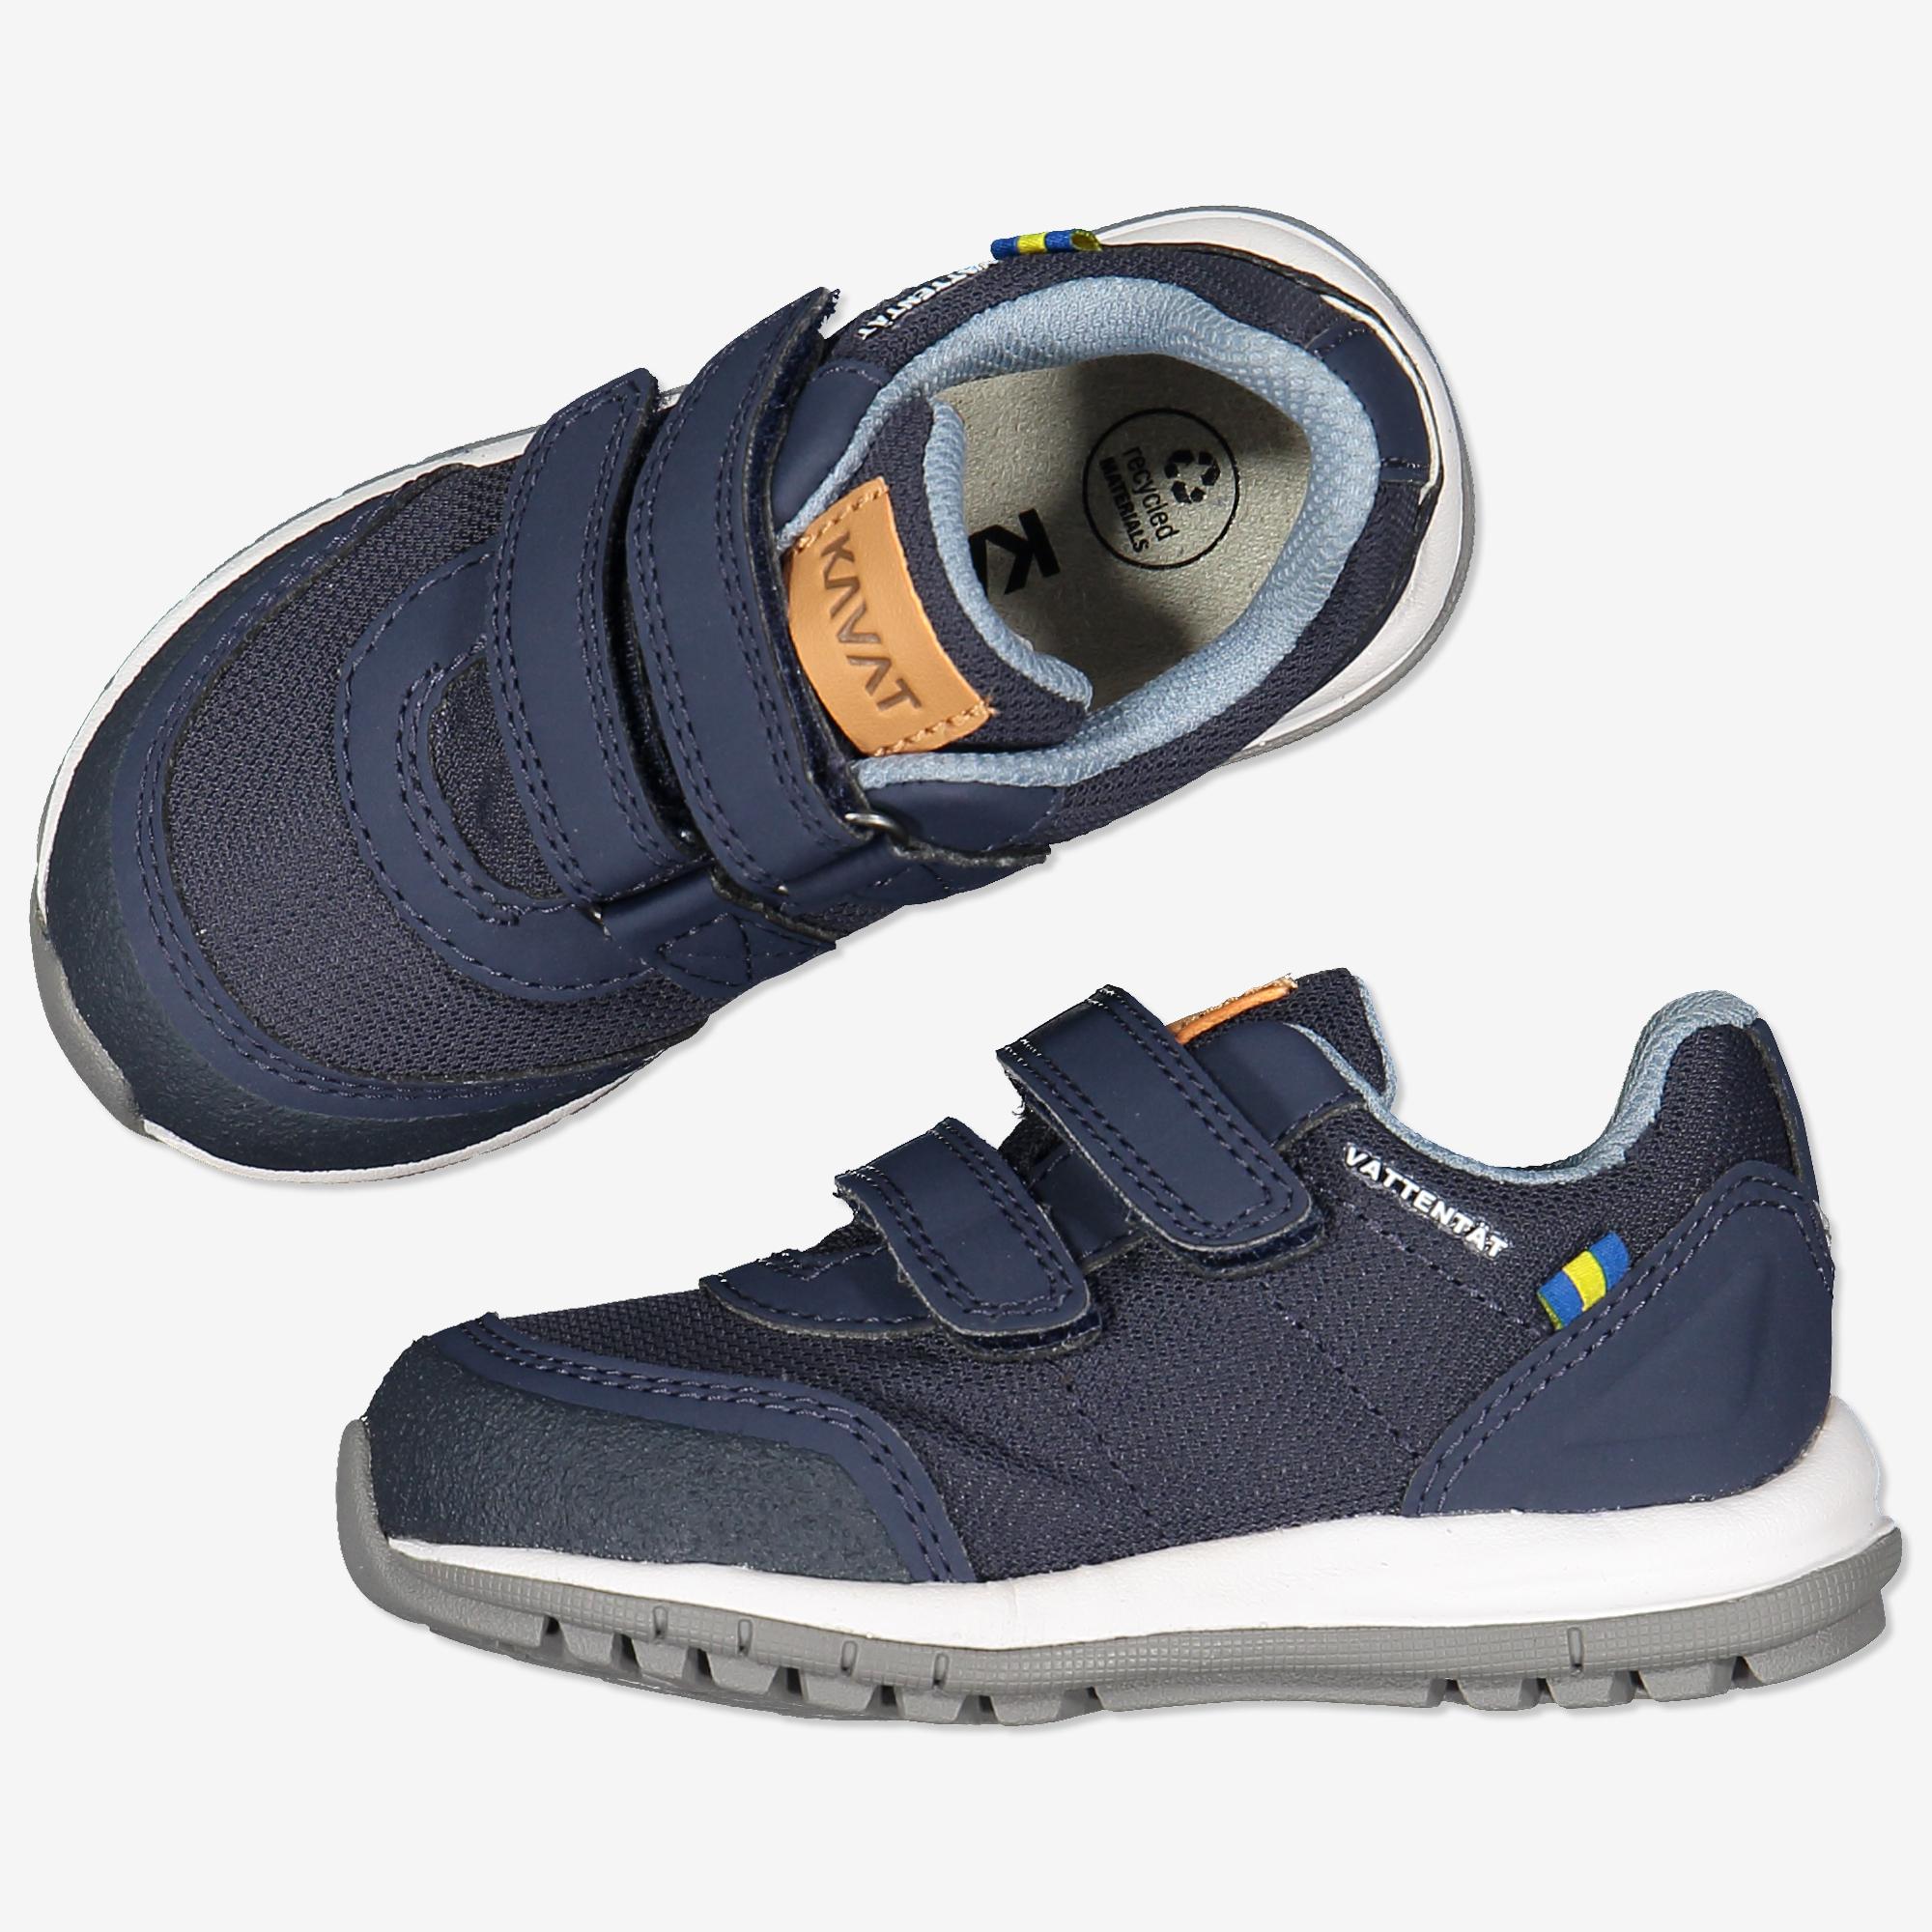 Kavat sneakers halland wp mörk marinblå   Polarnopyret.se